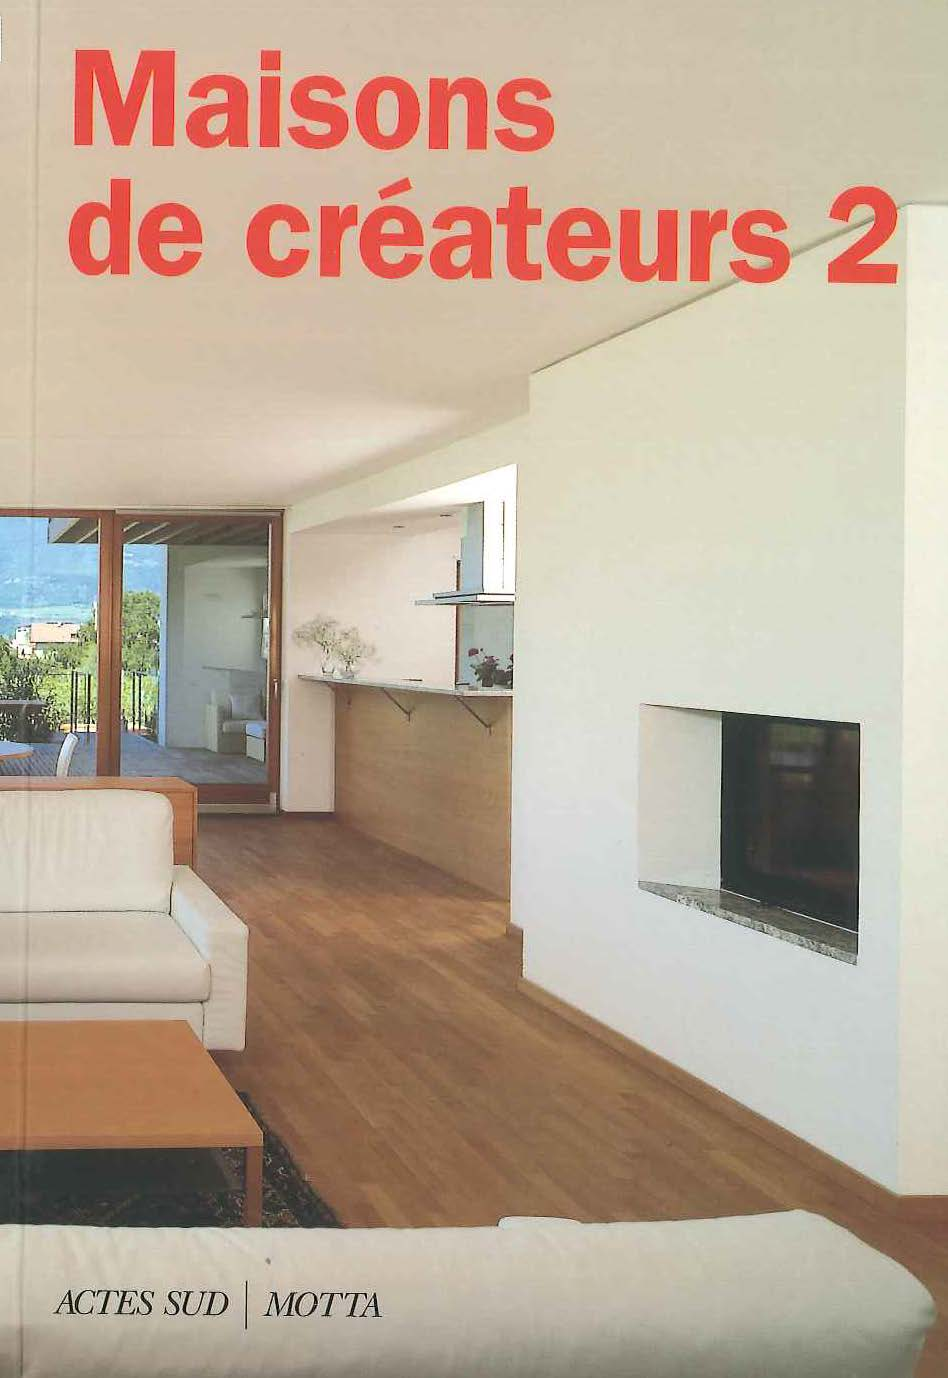 Maisons de créateurs 2